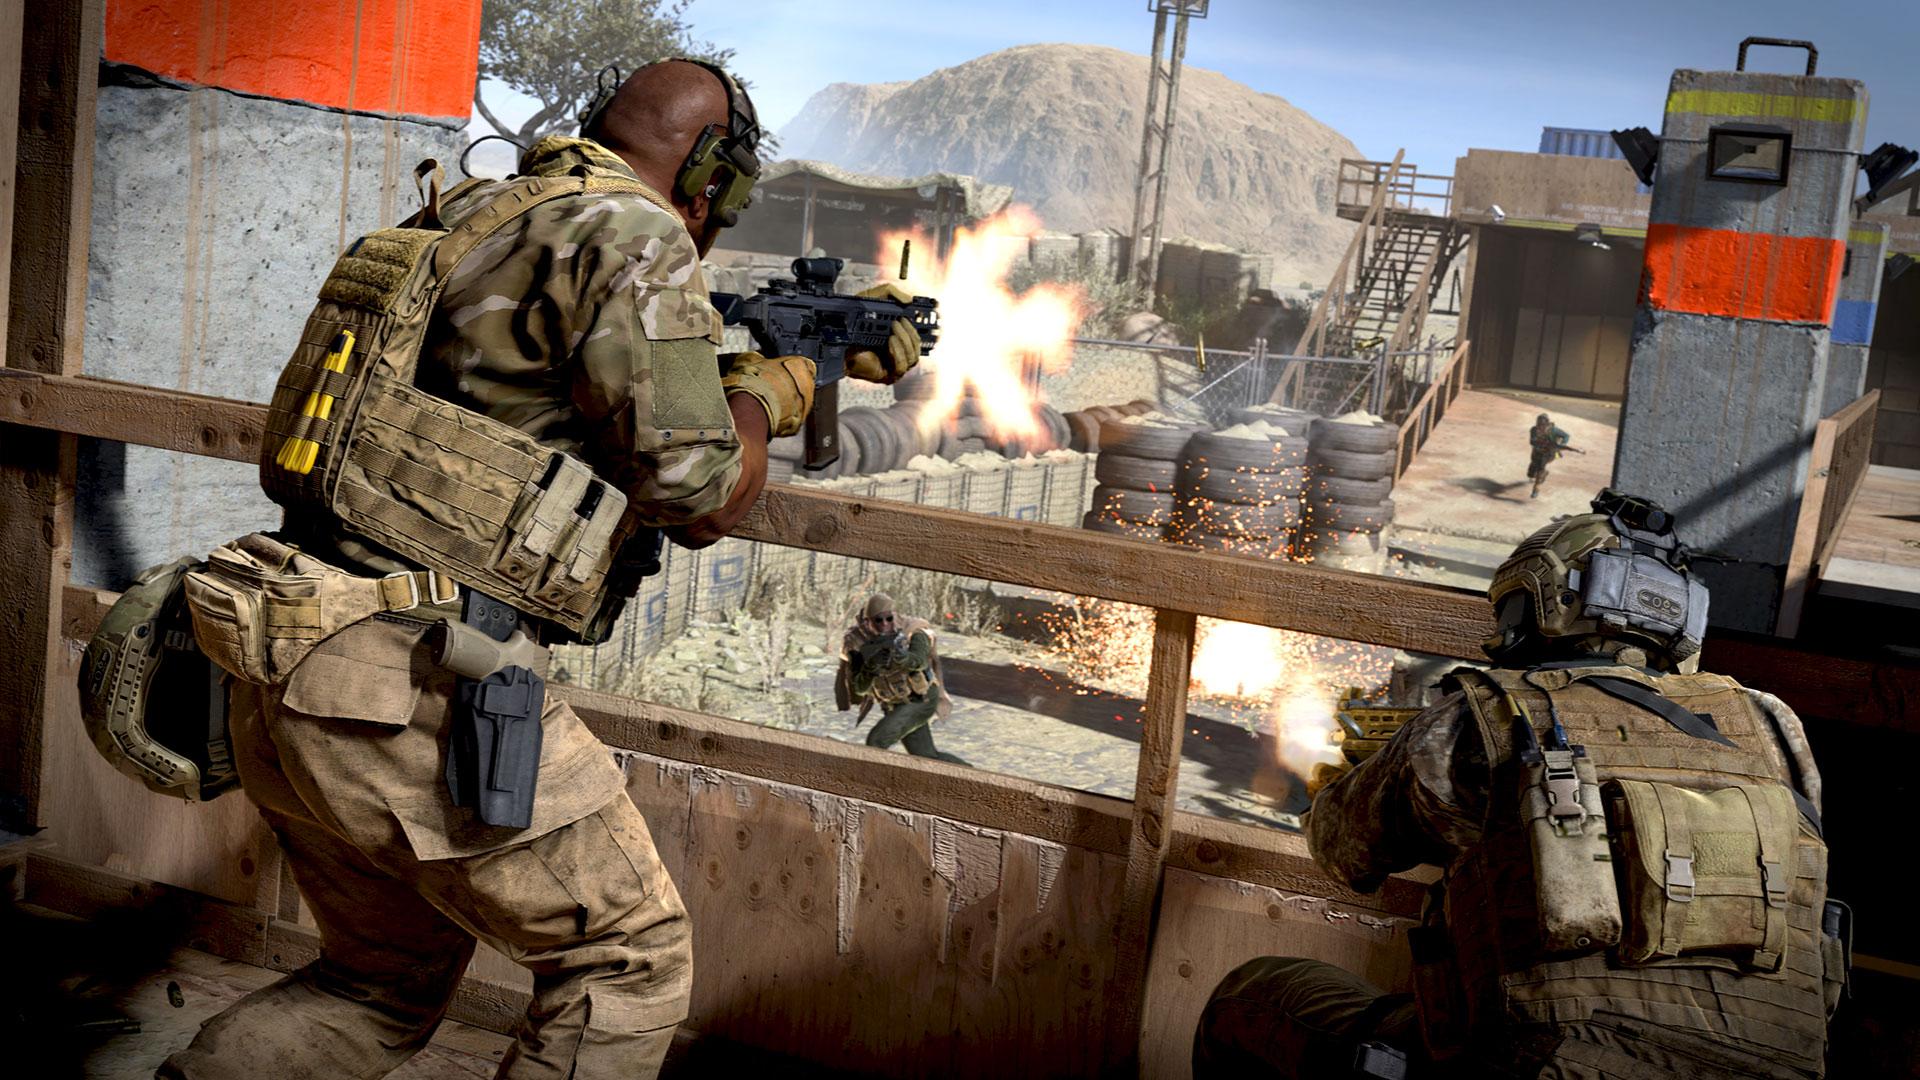 Call of Duty: Modern Warfare datamine reveals 38 unreleased